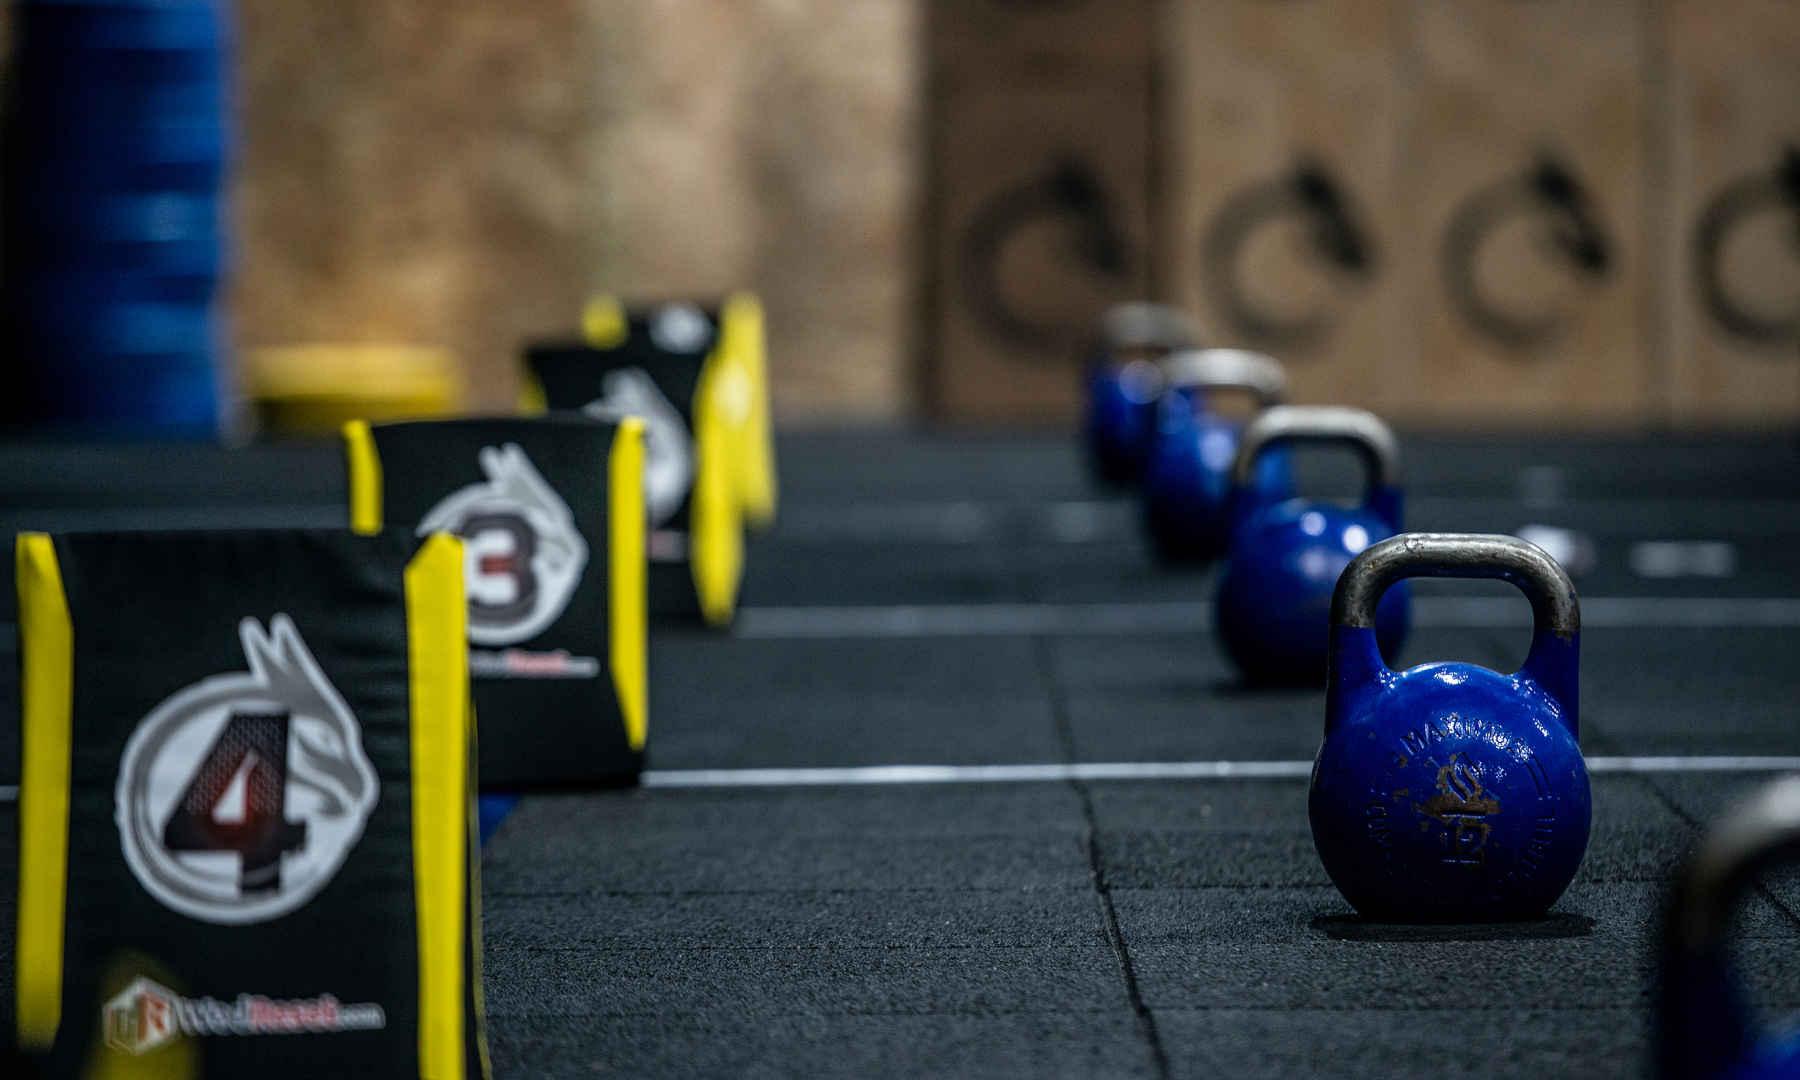 Barras olimpicas,  CrossFit, box, gimnasio, kids, sada, oleiros, coruña, miño, culleredo, abdominales, mucle up, ejercicio, halterofilia, remo, assault, galicia, betanzos, deporte, carrera